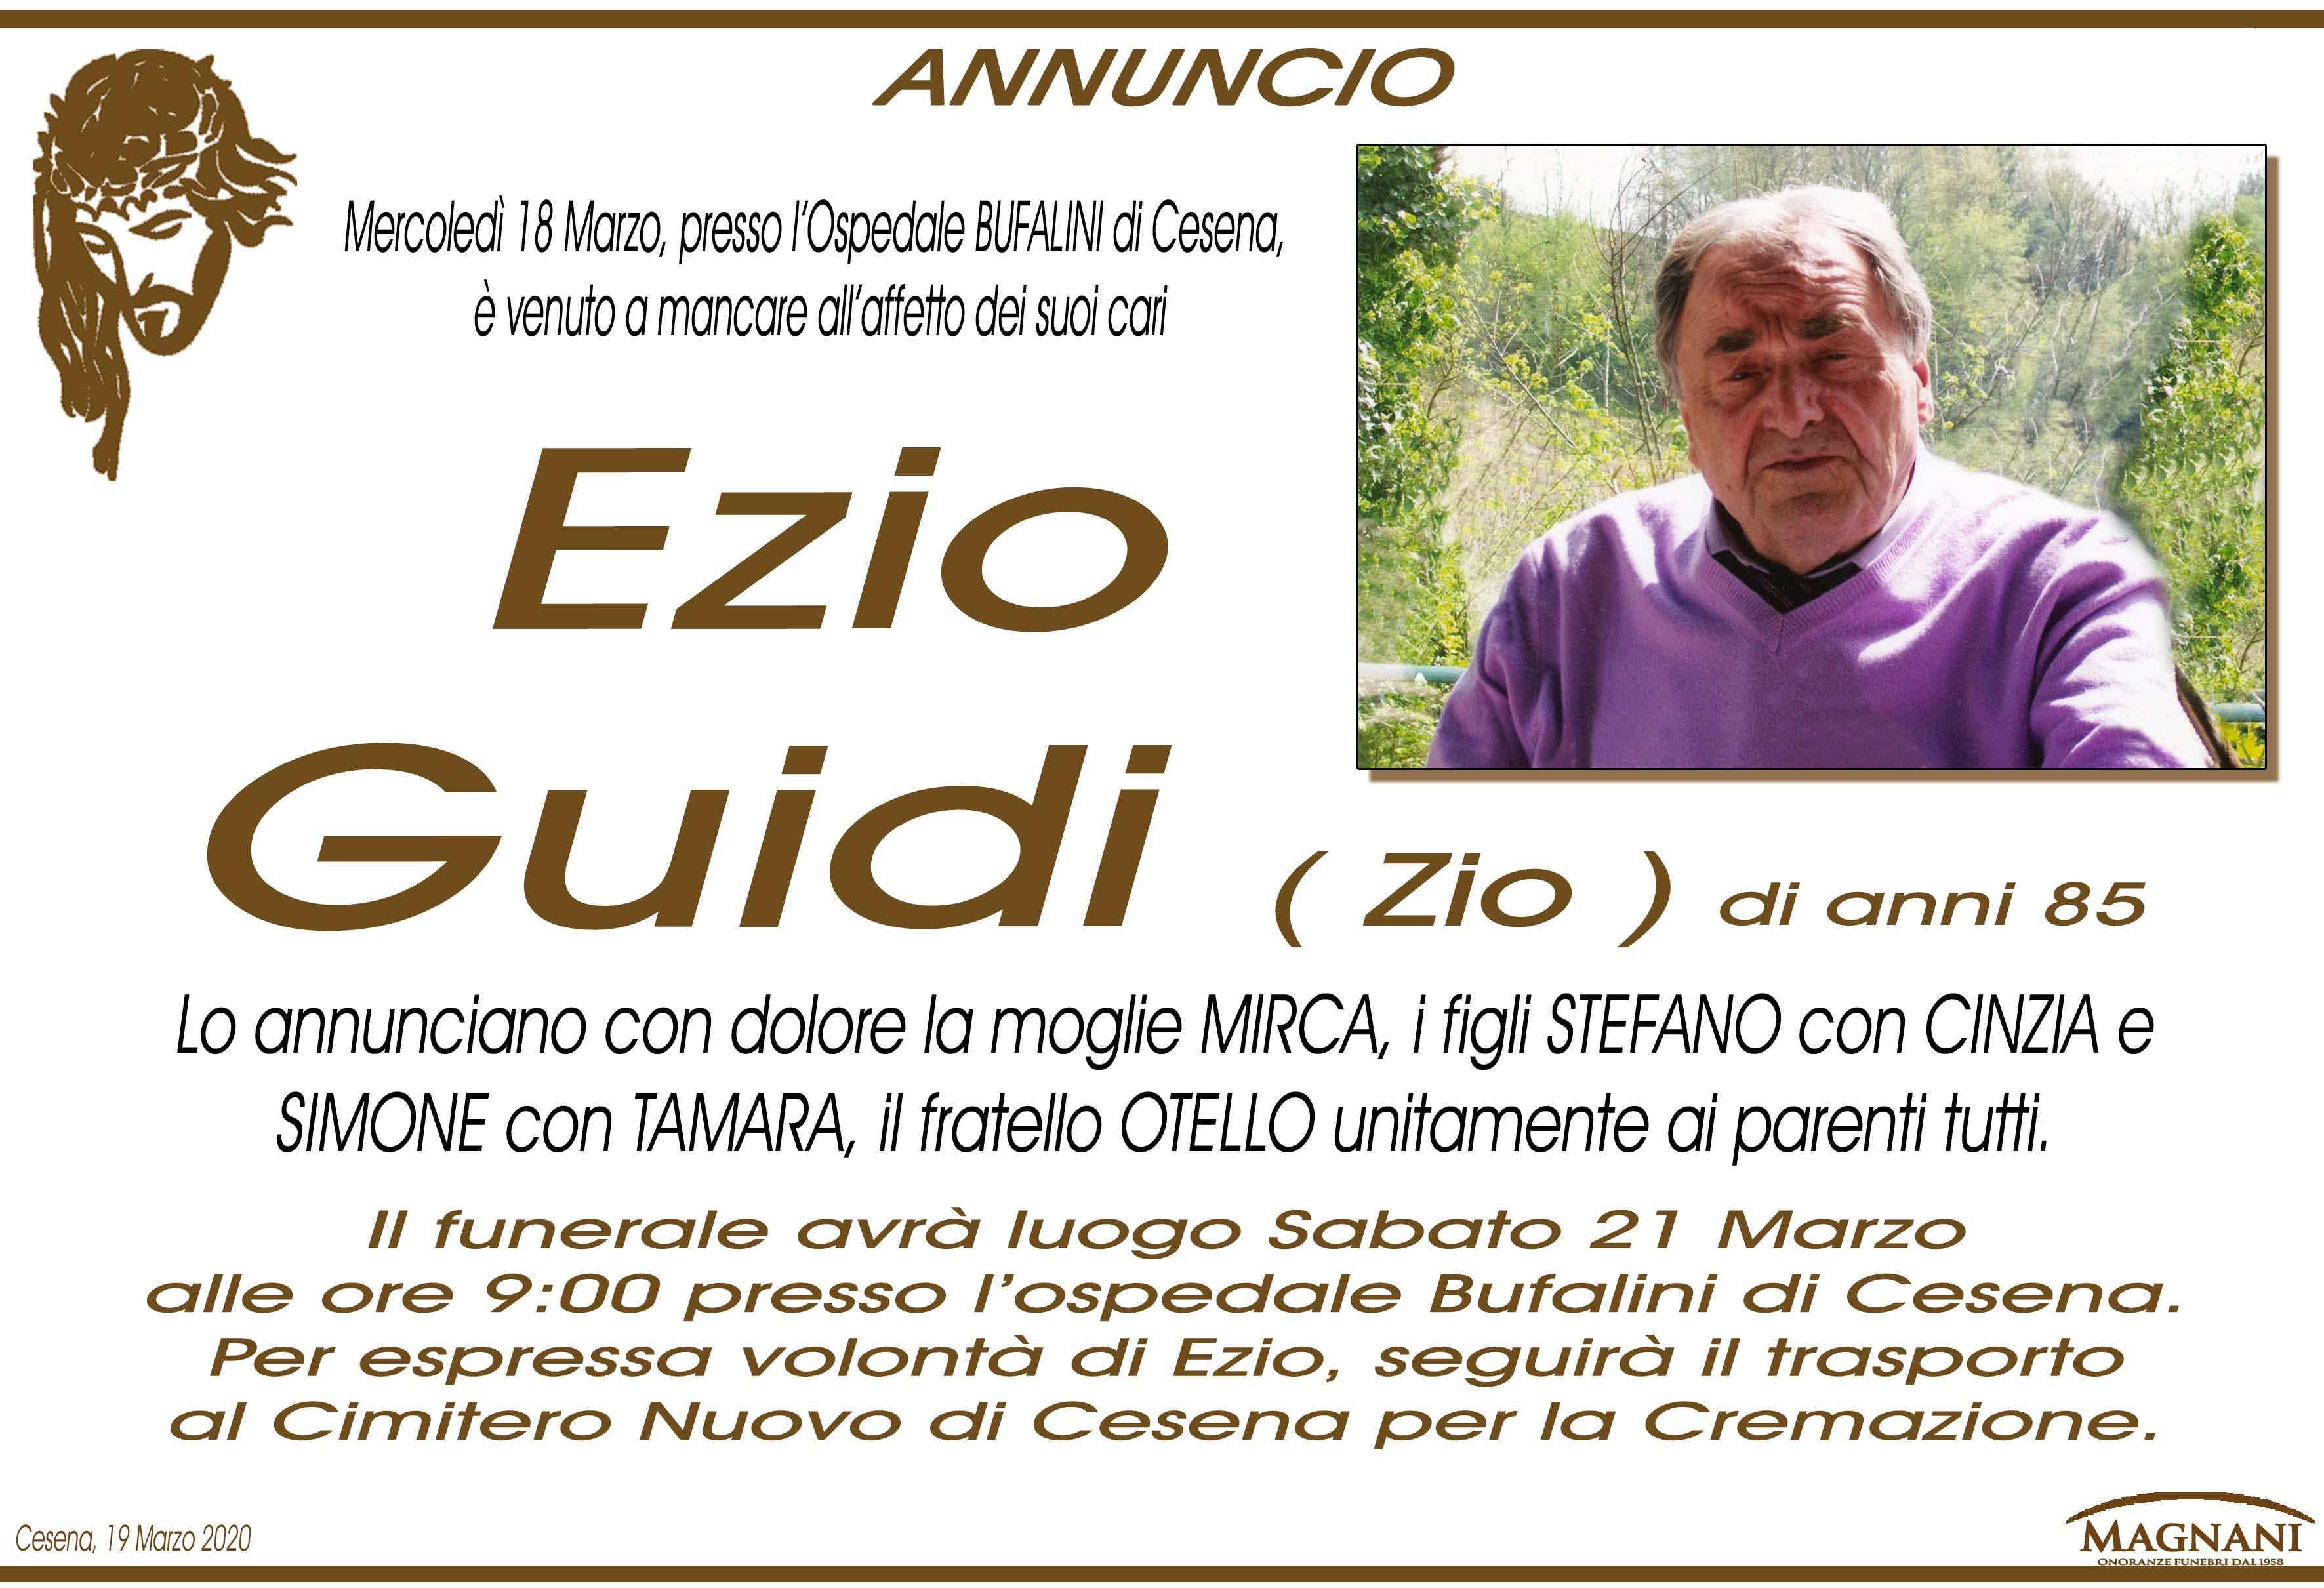 Ezio Guidi